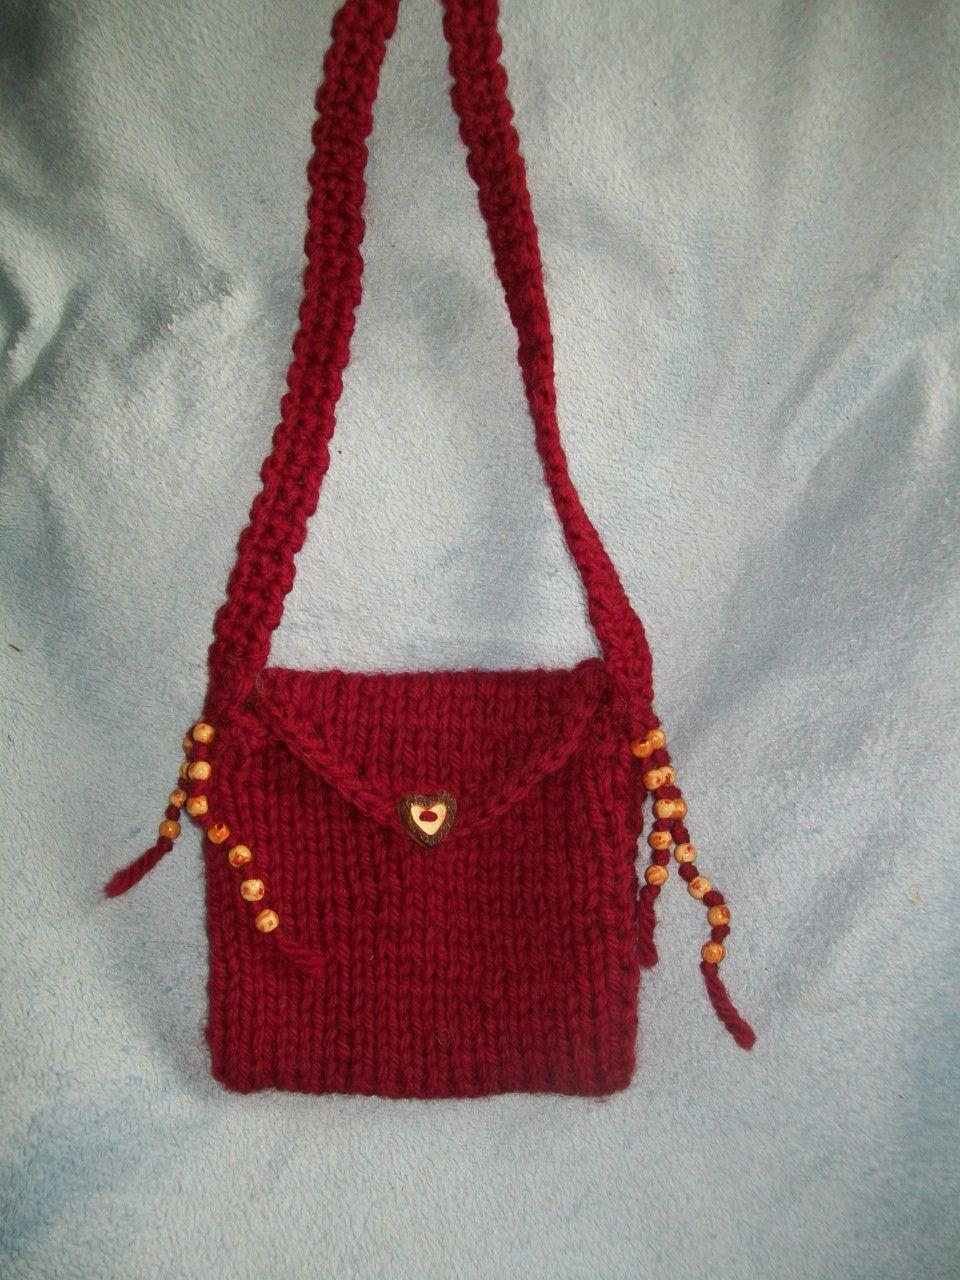 kleine gestrickte Kindertasche mit Perlen | Taschen | Pinterest ...